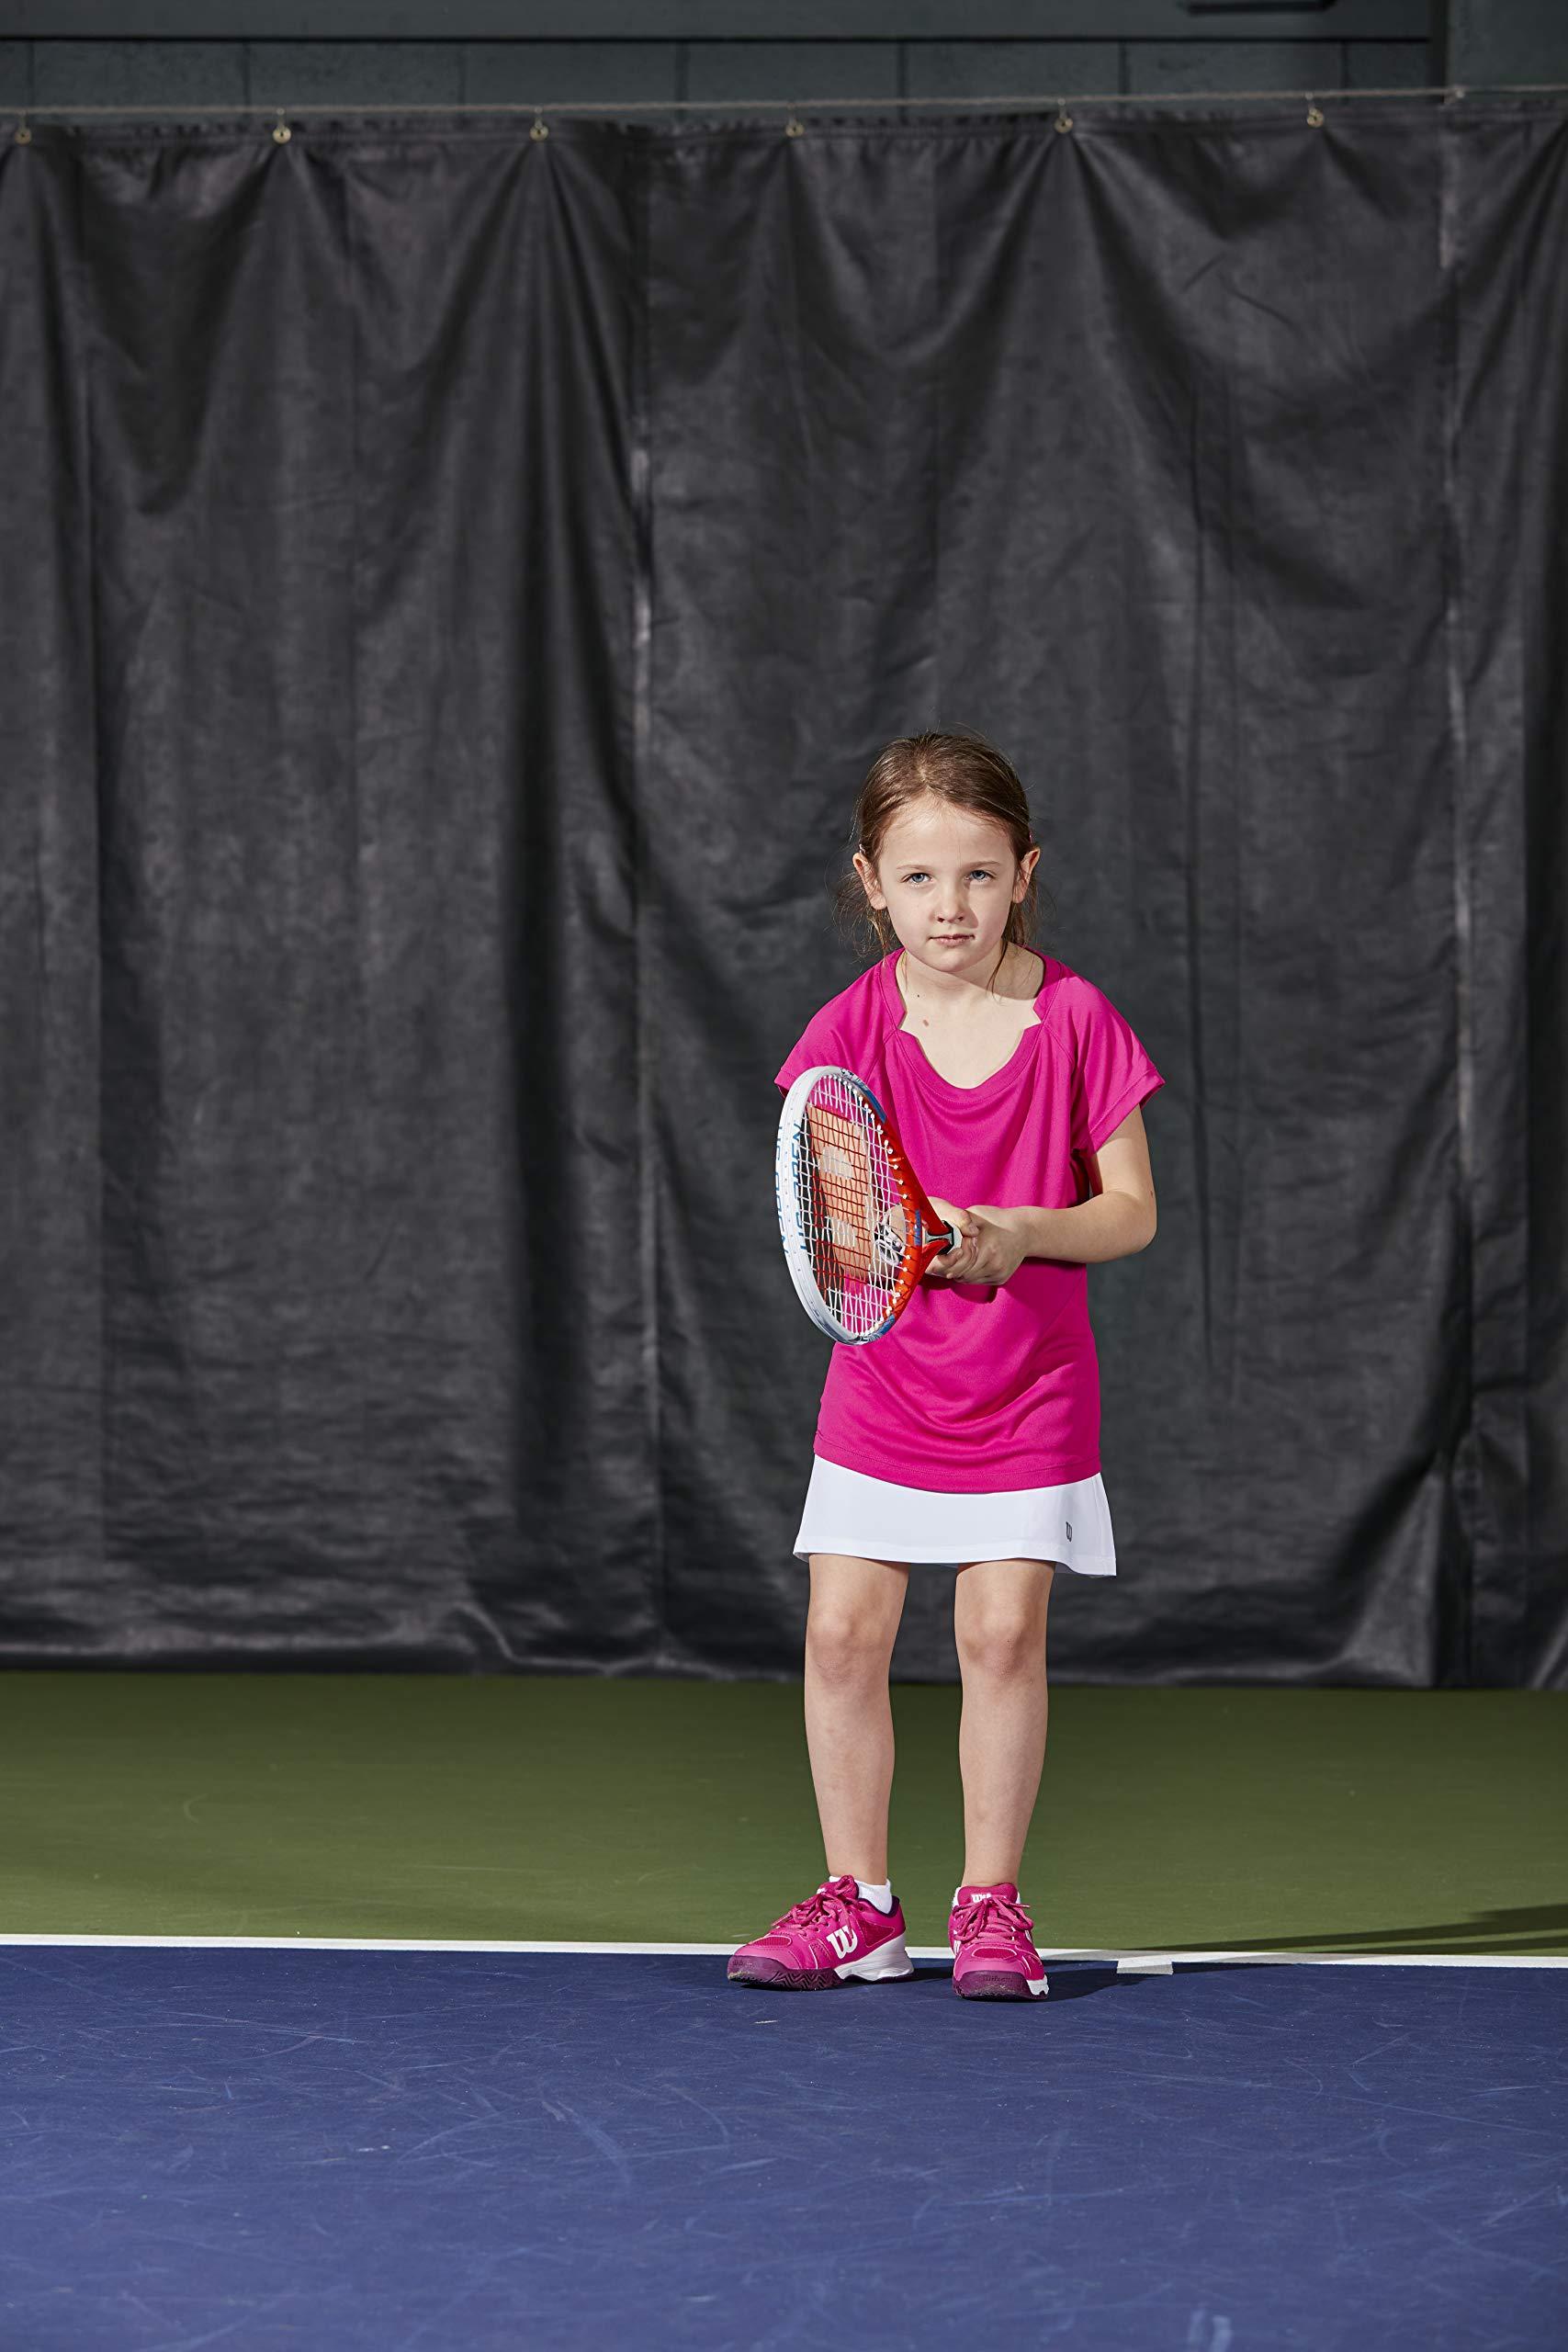 Wilson 55064 Junior US Open Tennis Racquet, 19'' L by Wilson (Image #4)